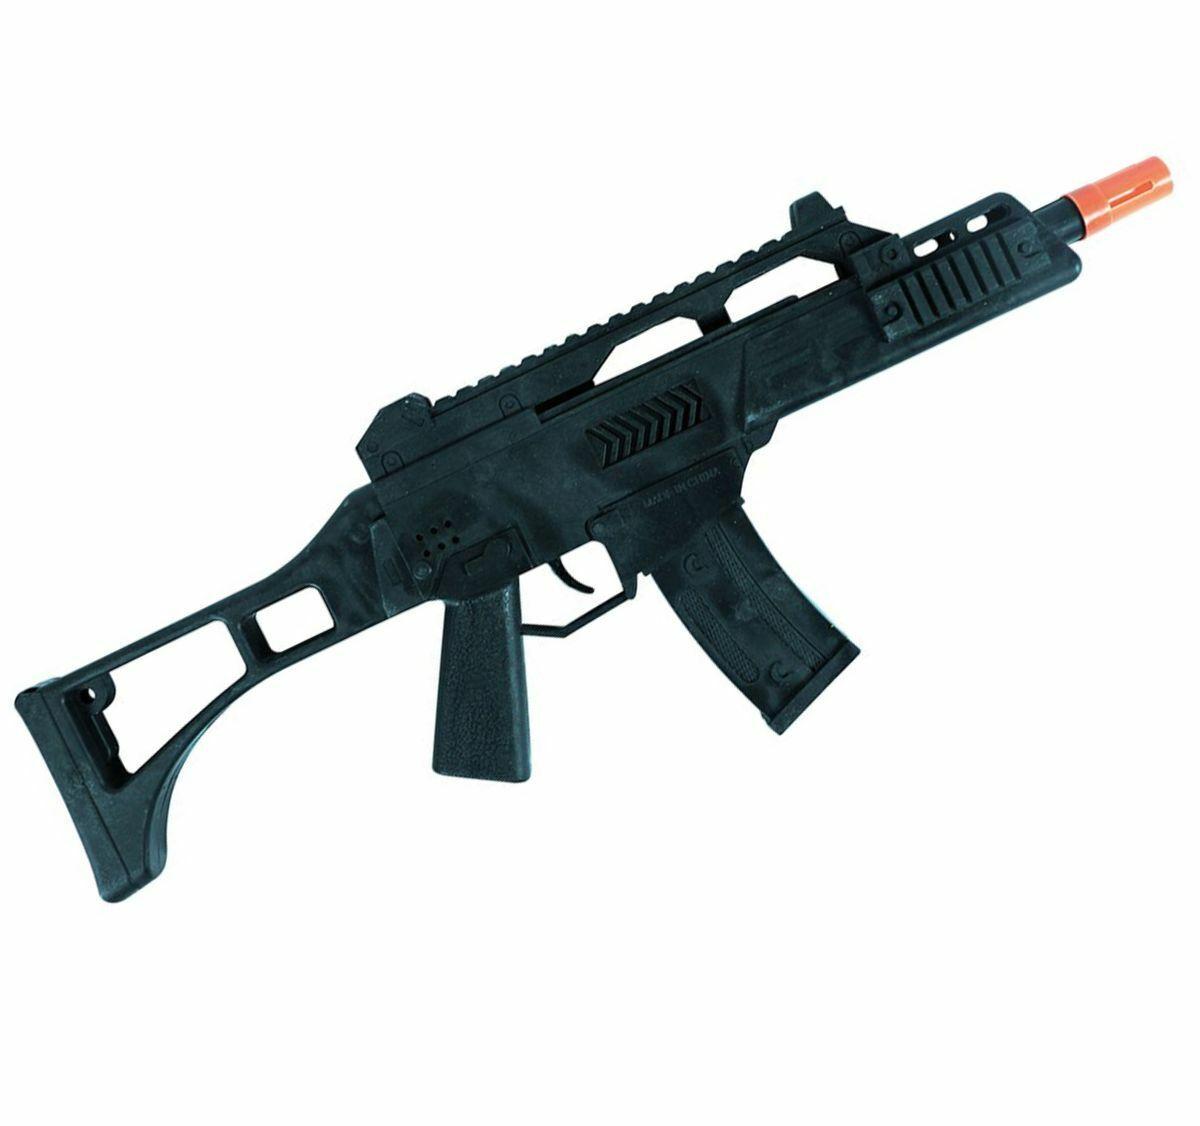 Spielzeug Maschinengewehr Sturmgewehr mit Sound 40 cm lang Kostüm-Zubehör